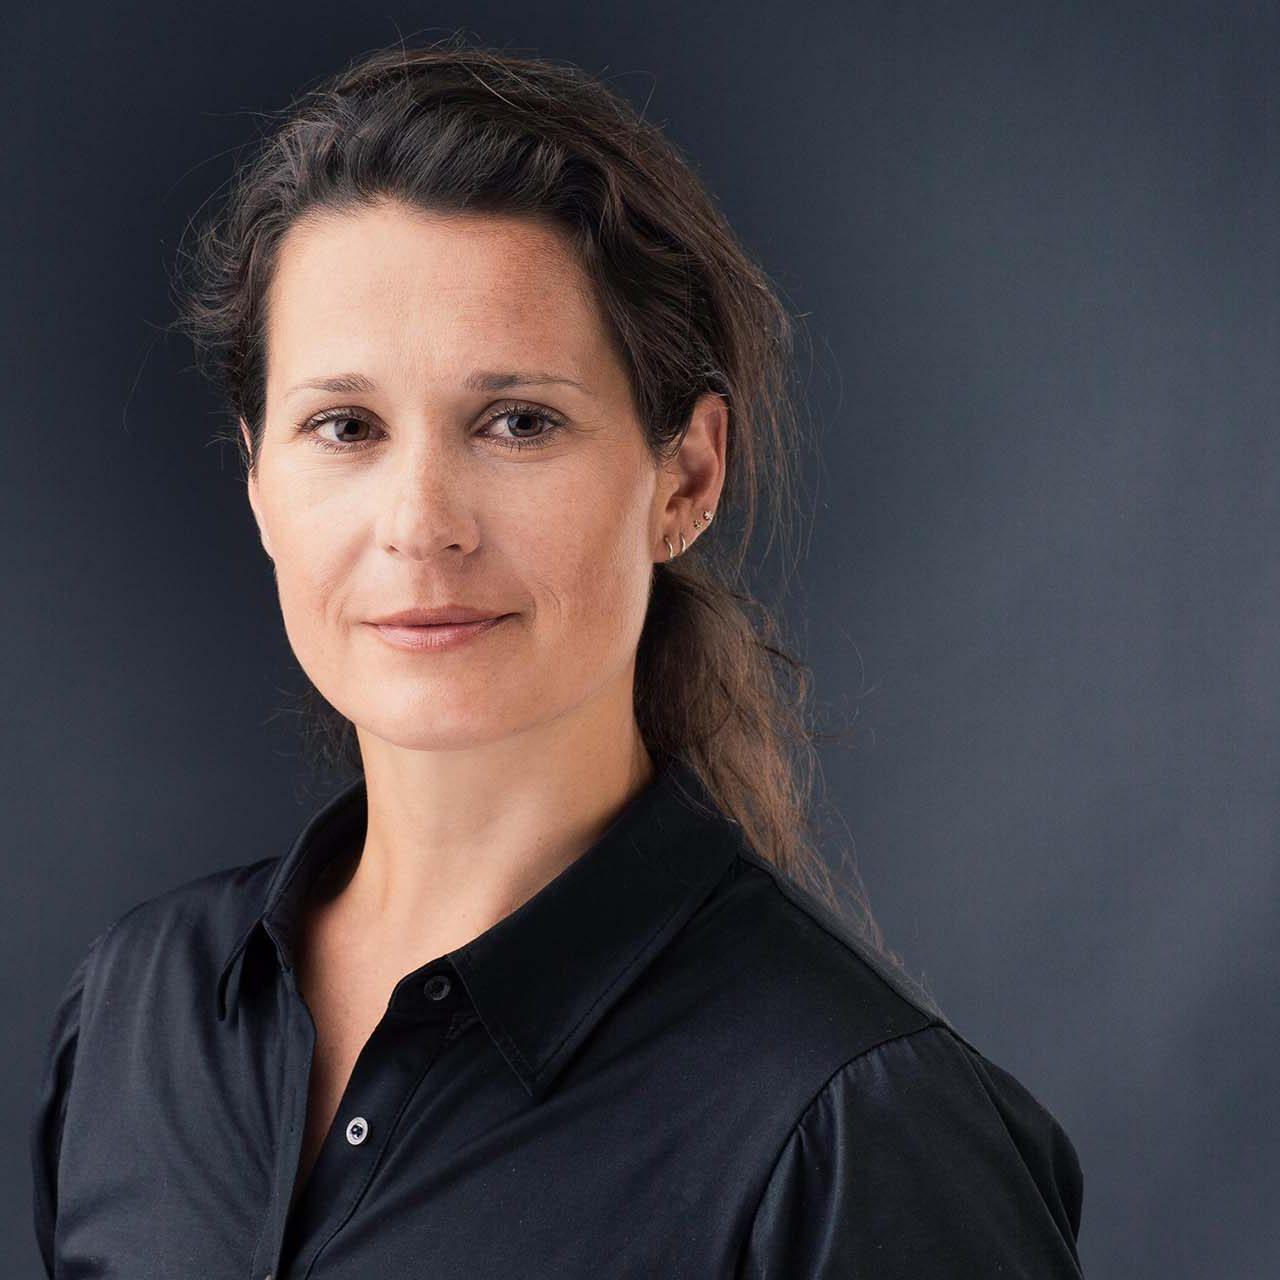 Dr. Ulrike Handel